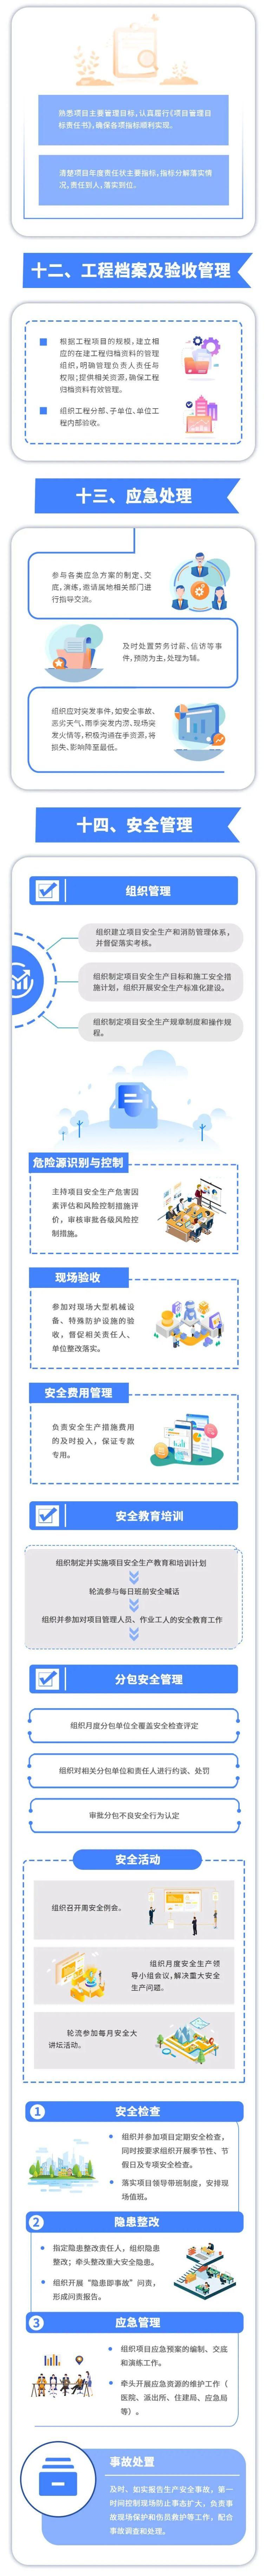 中建项目经理履职清单,提升管理水平!_5